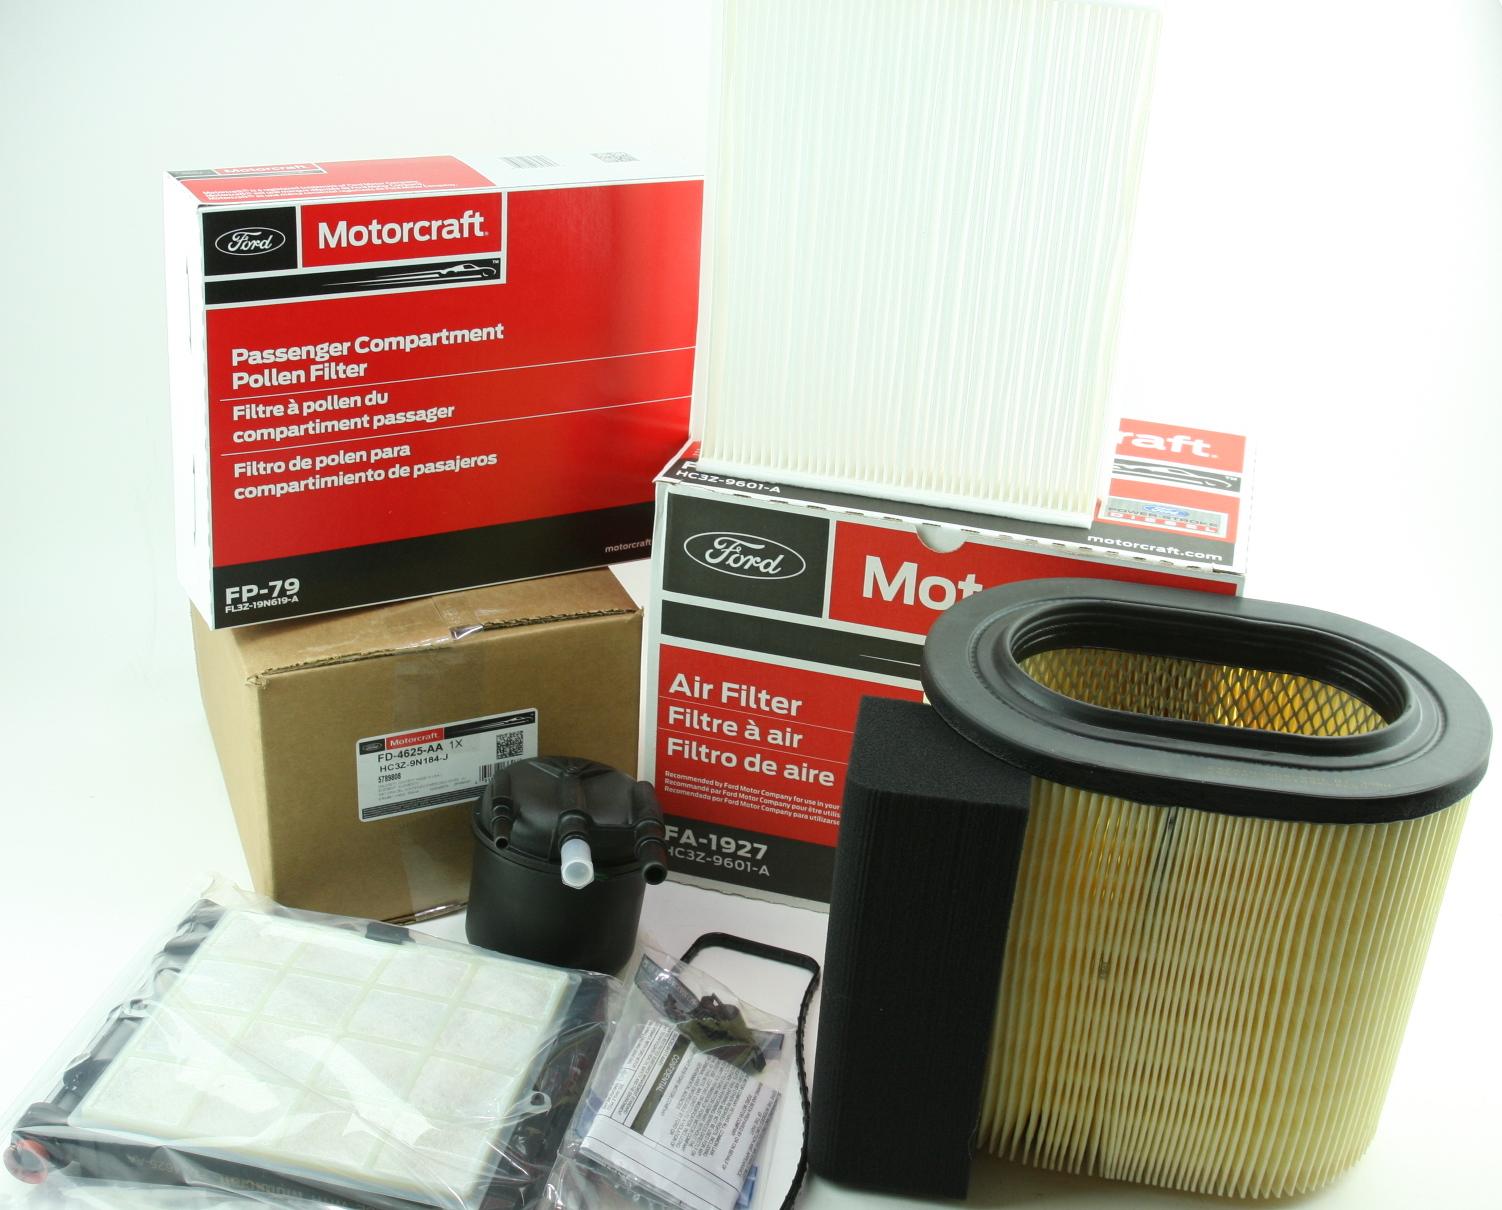 OEM Ford Diesel Engine & Cabin & Fuel Filter Kit Motorcraft FD4625 FA1927 FP79 - image 1